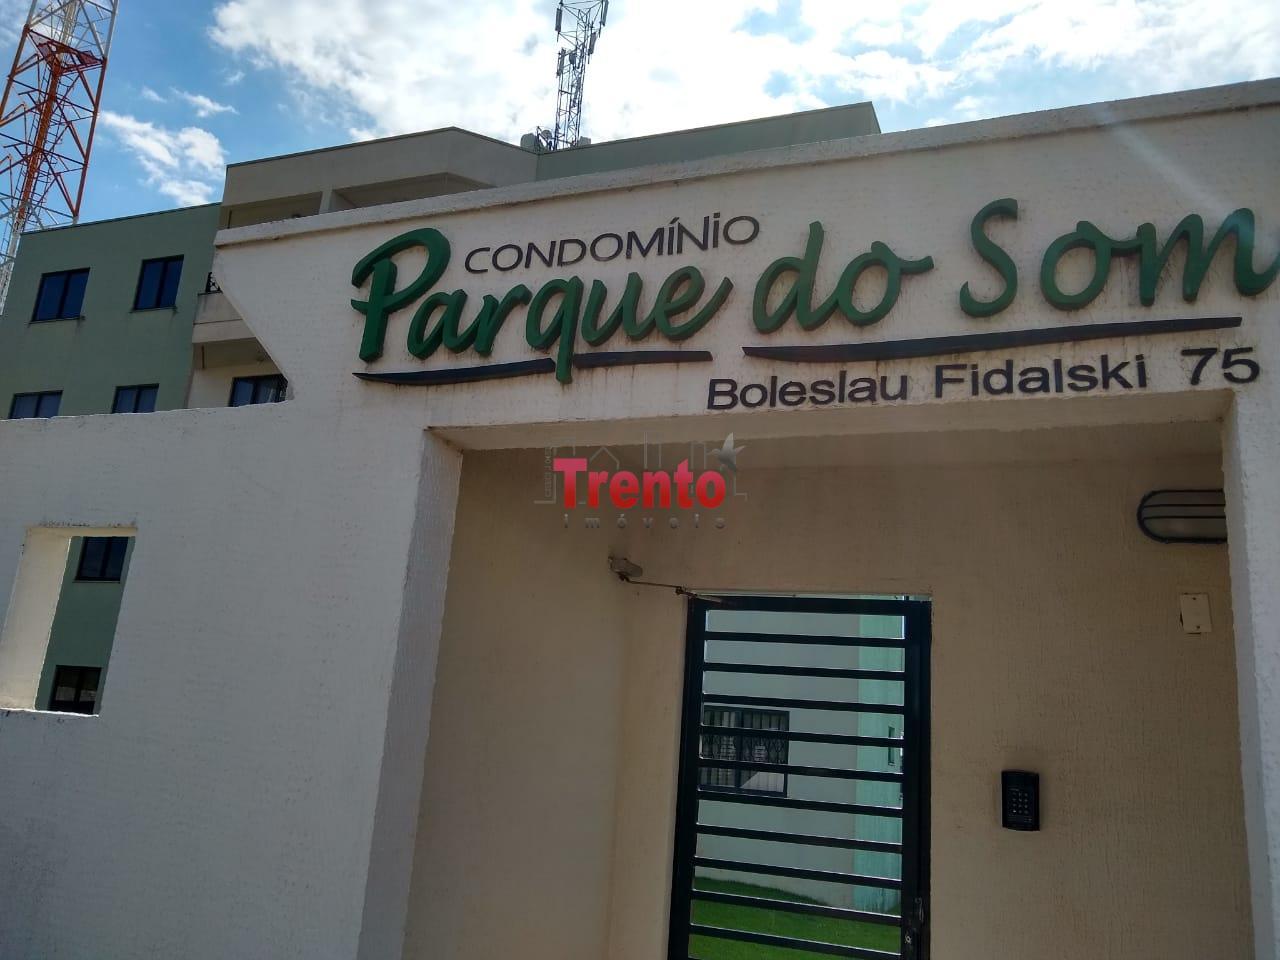 APARTAMENTO NO ED. PARQUE DO SOM - PATO BRANCO/PR